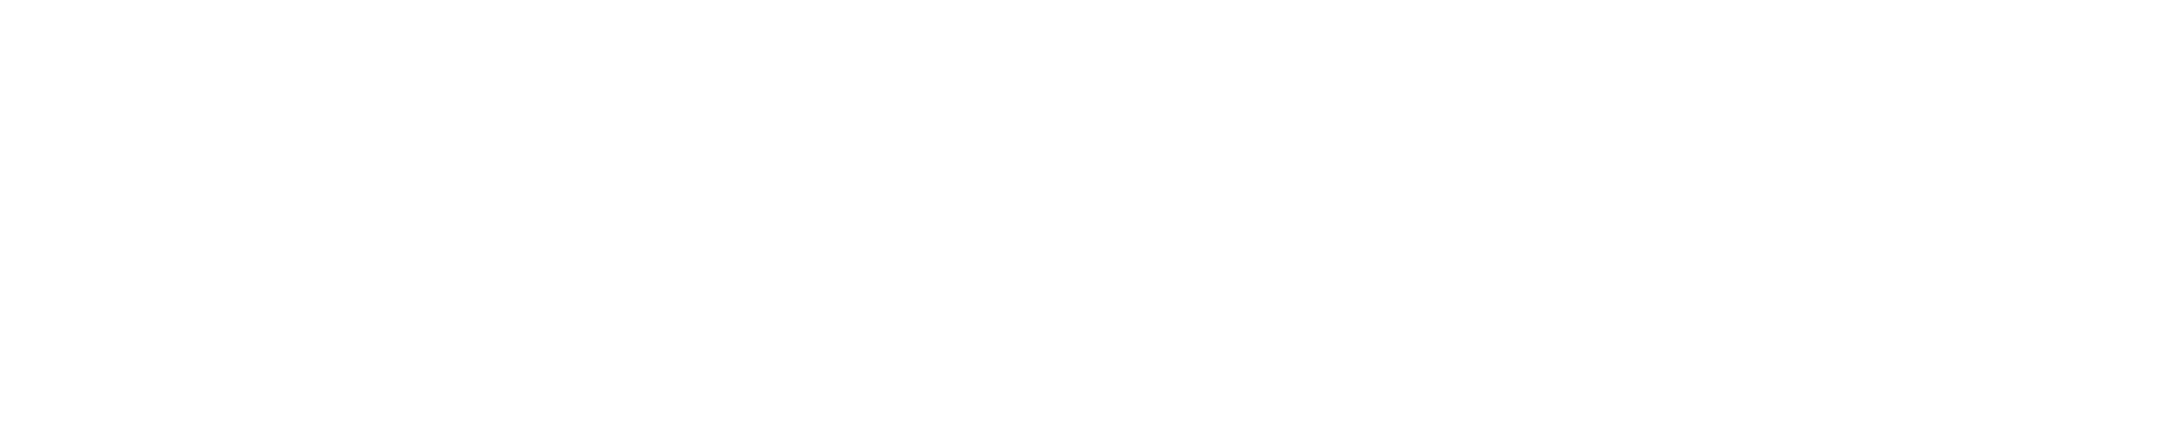 Healthmap_Logo_REV